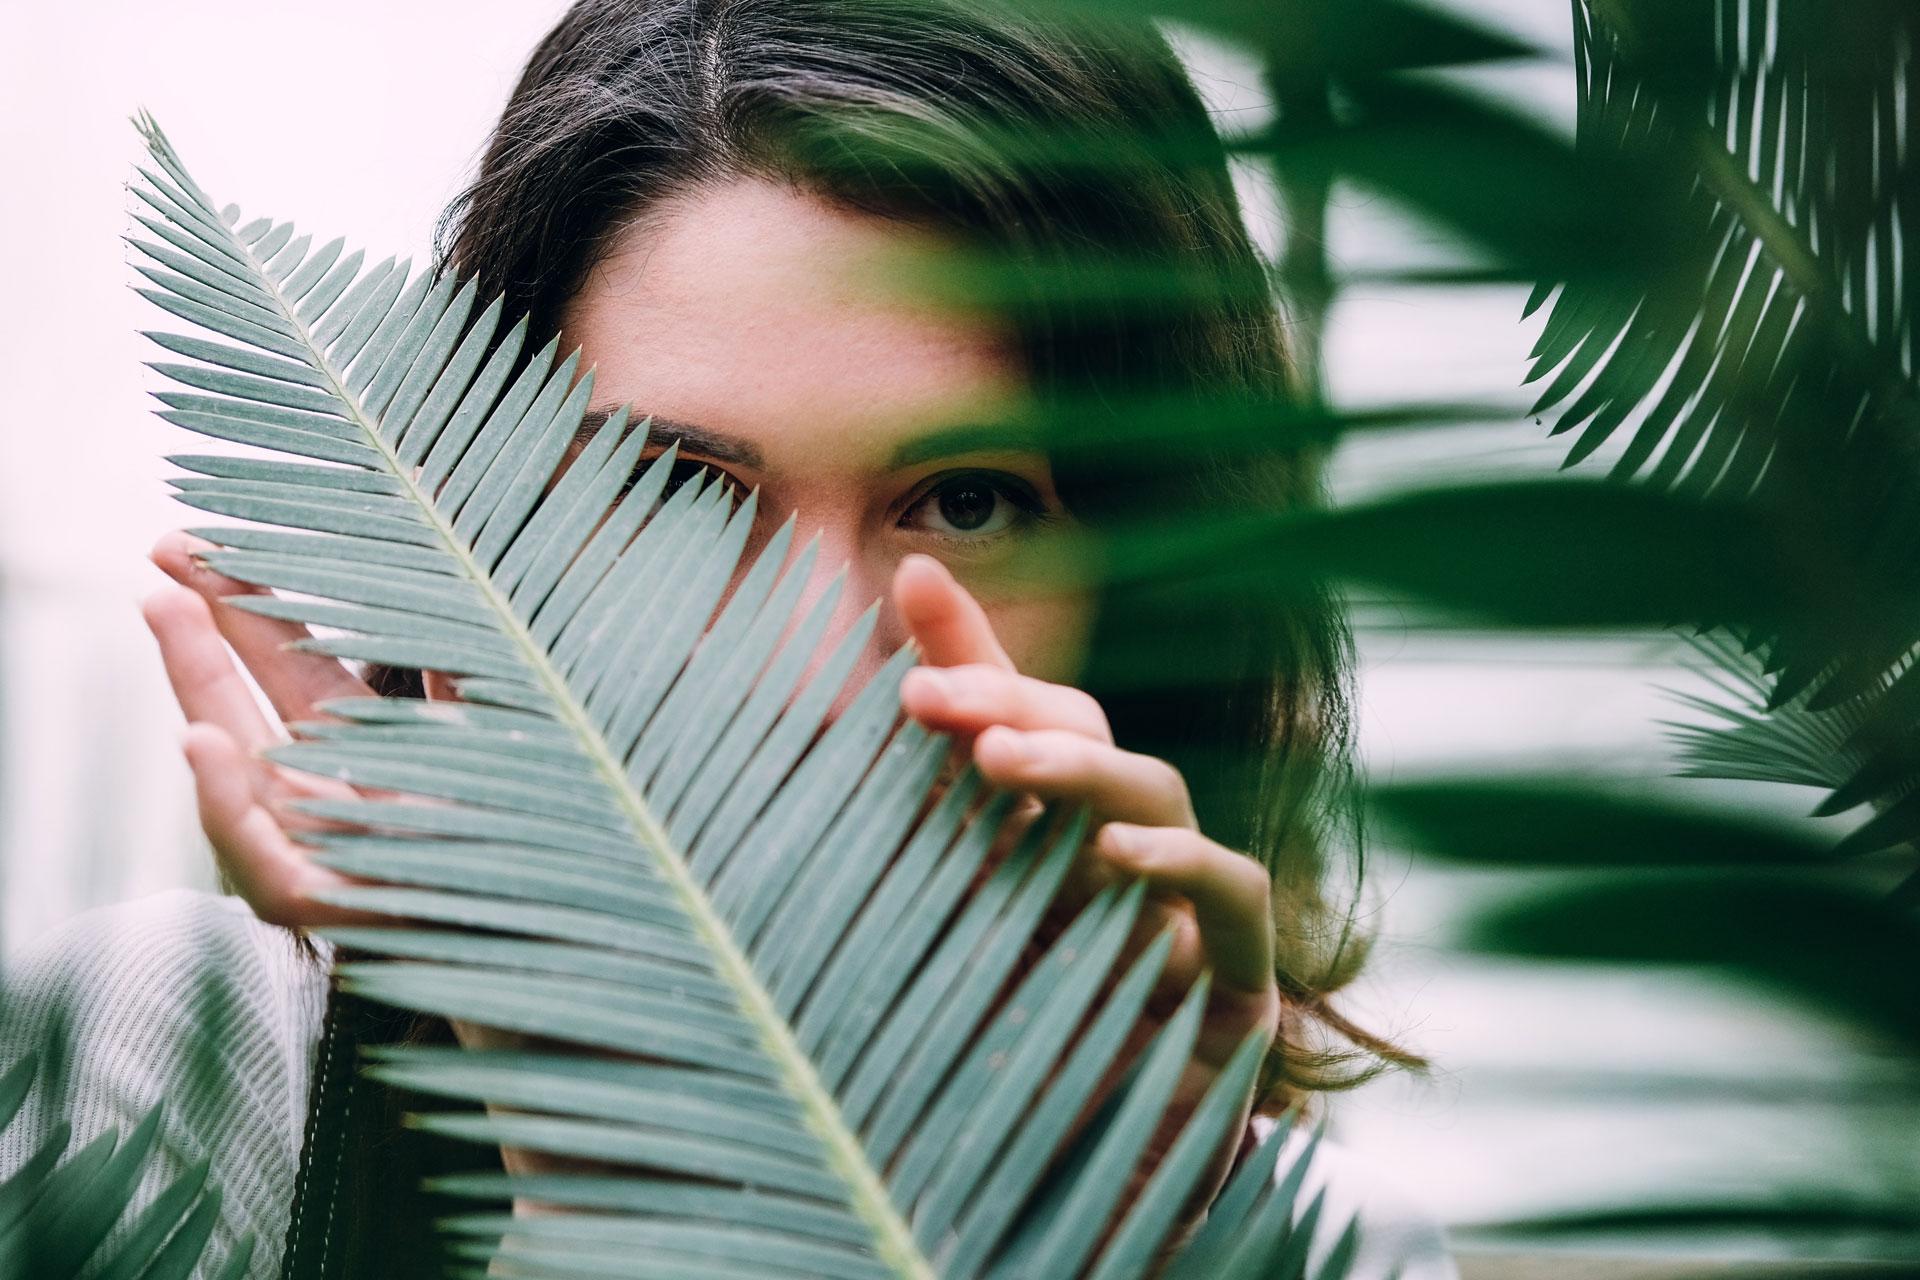 Mulher jovem com cara escondida por folha de palmeira